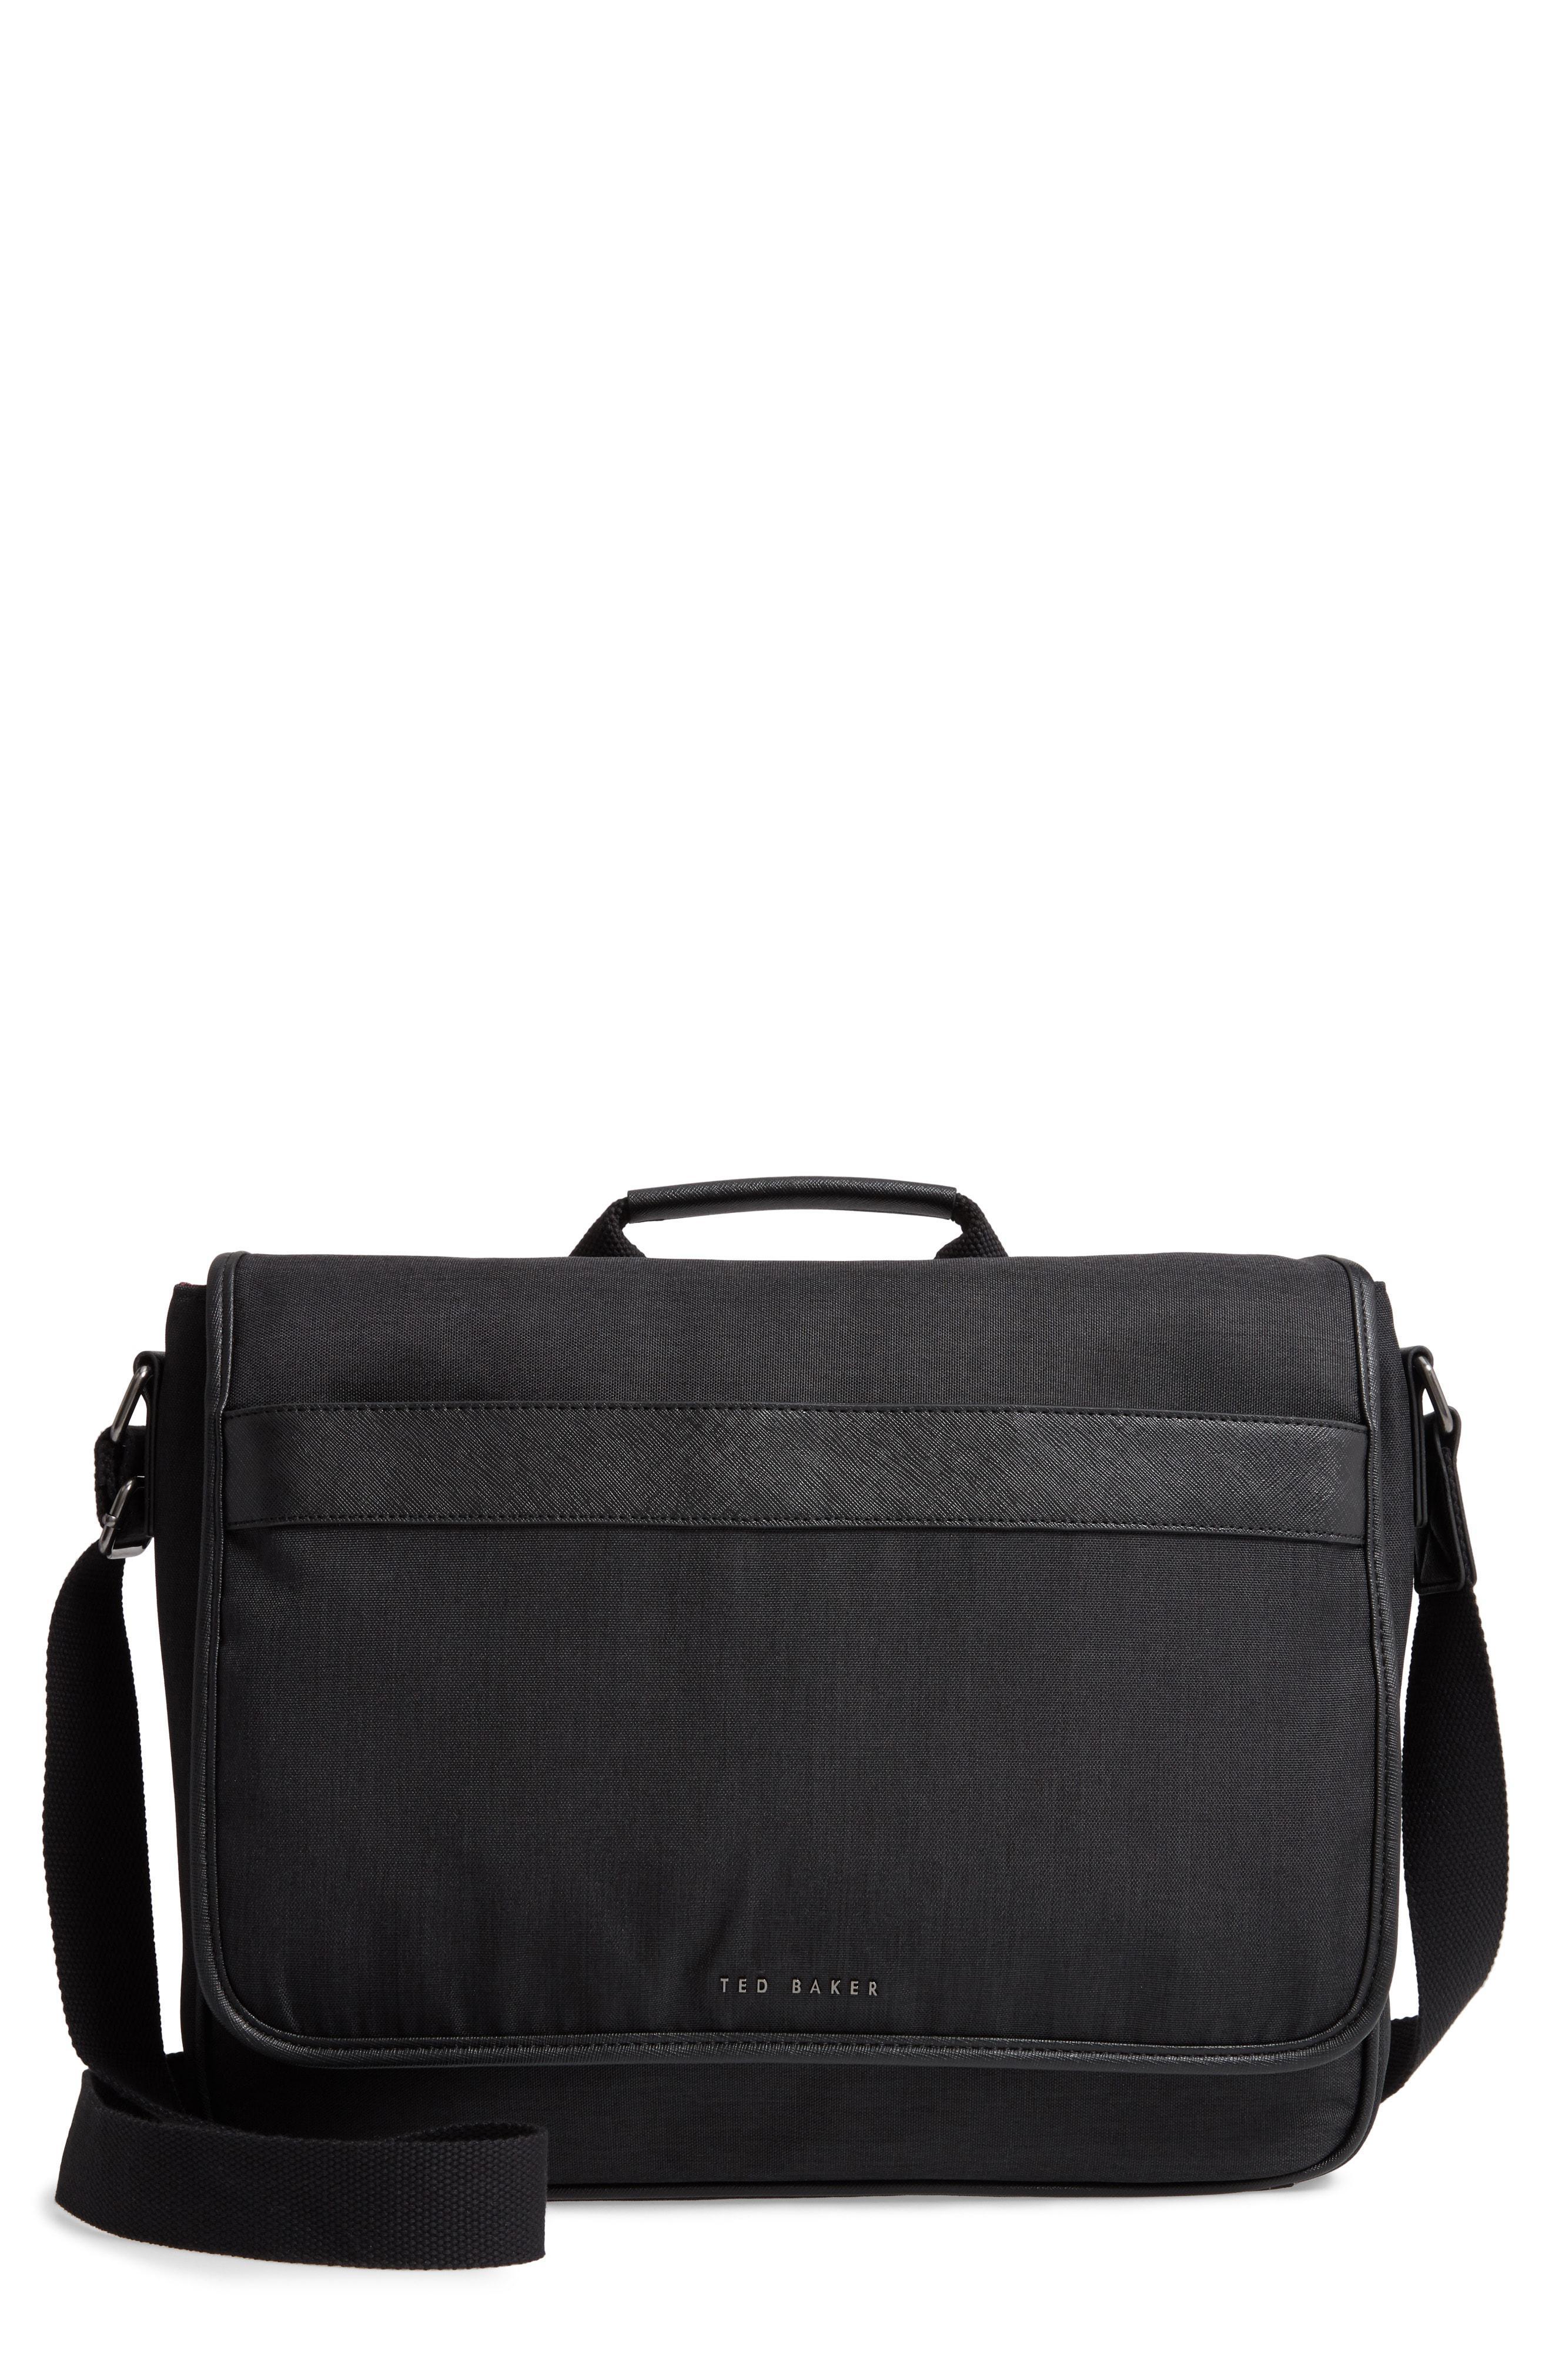 Lyst - Ted Baker Edds Messenger Bag - in Black for Men 9ee4f170ffa89